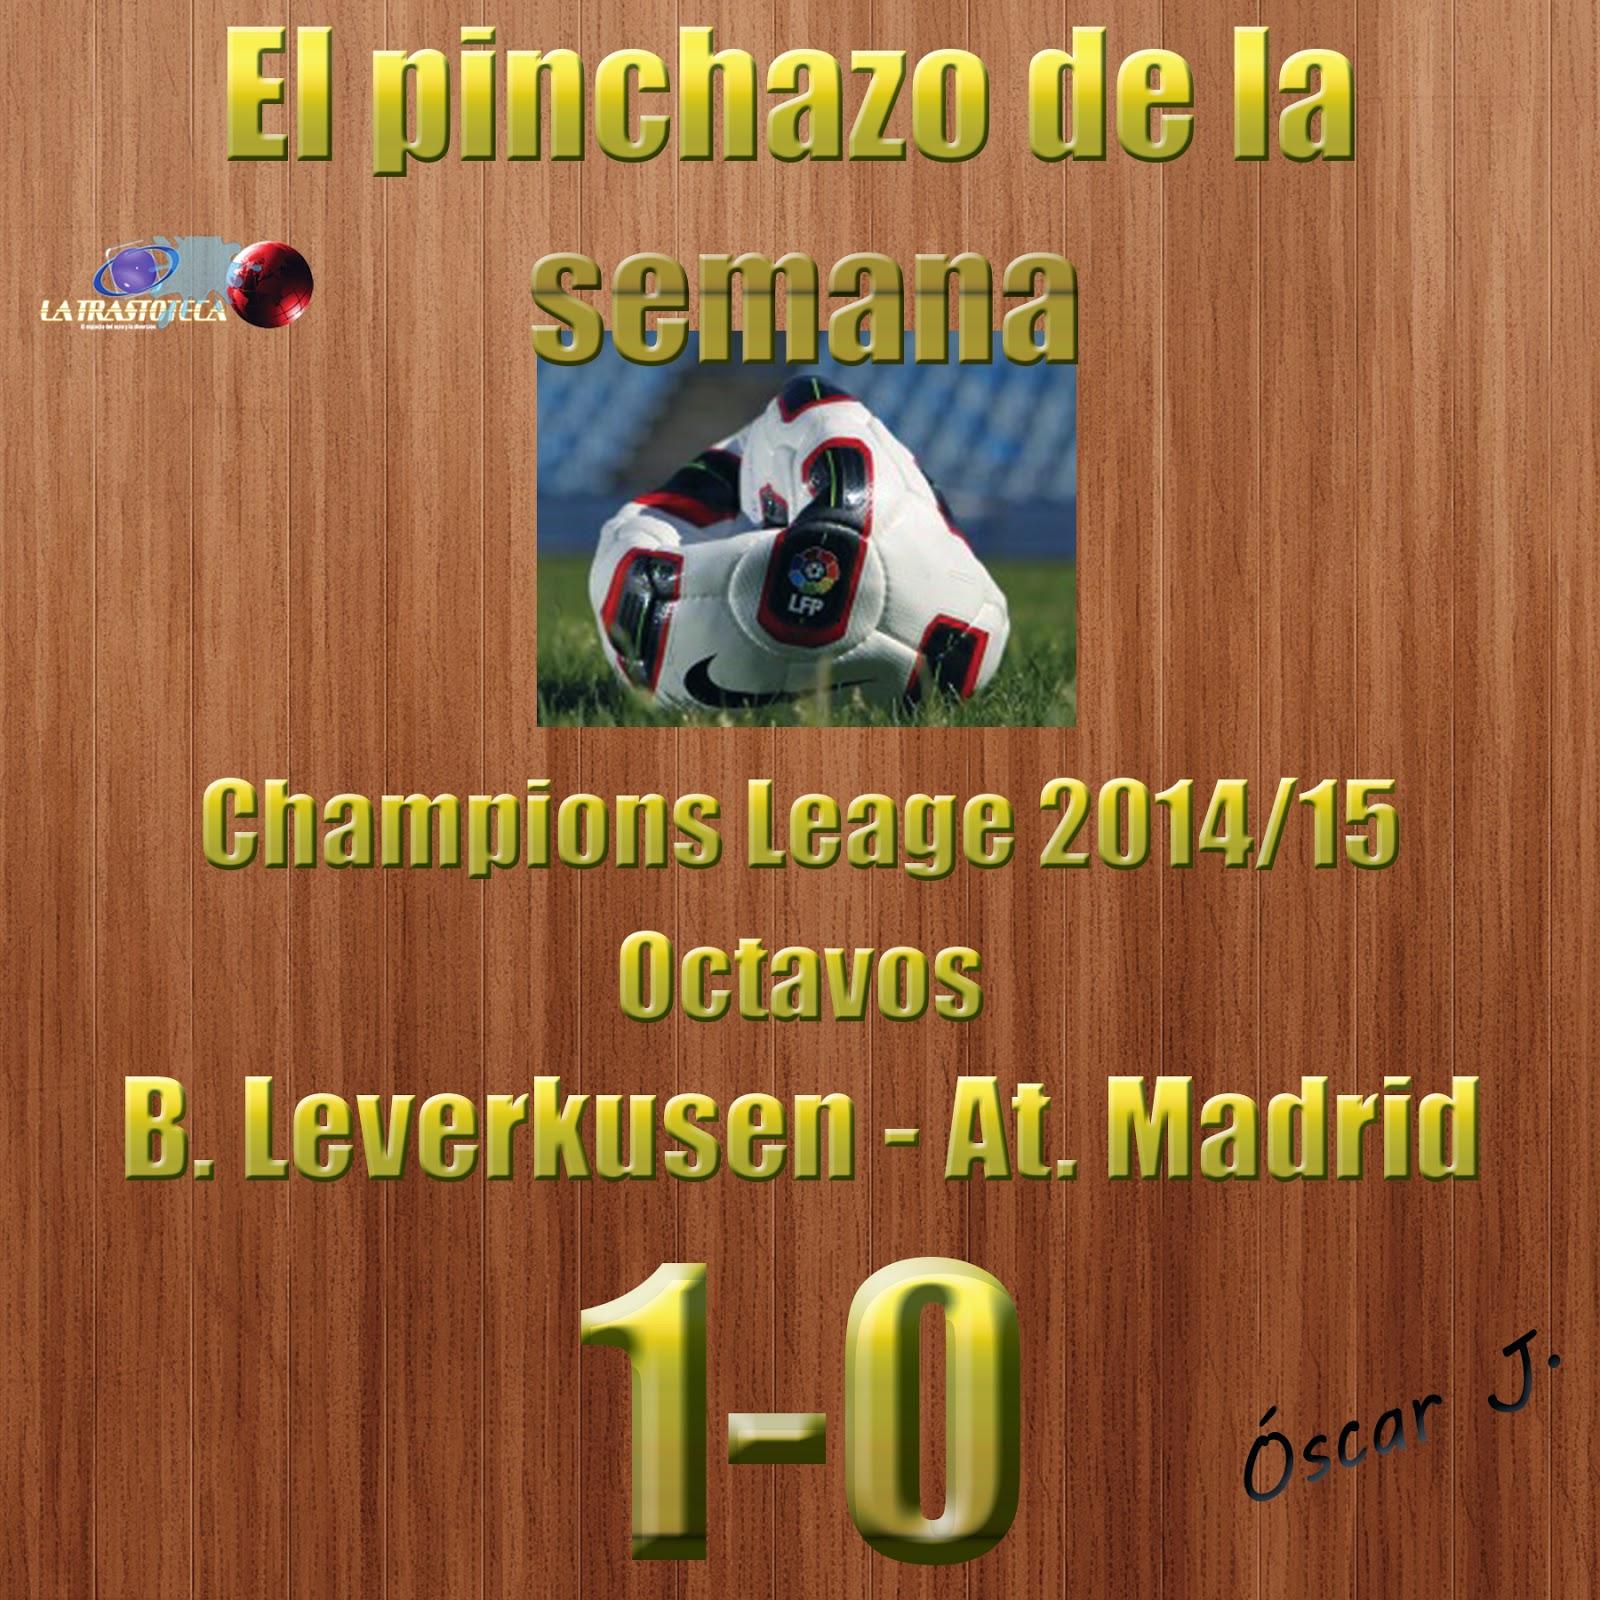 Bayern Leverkusen 1-0 Atlético de Madrid. Champions League - Octavos. El pinchazo de la semana.